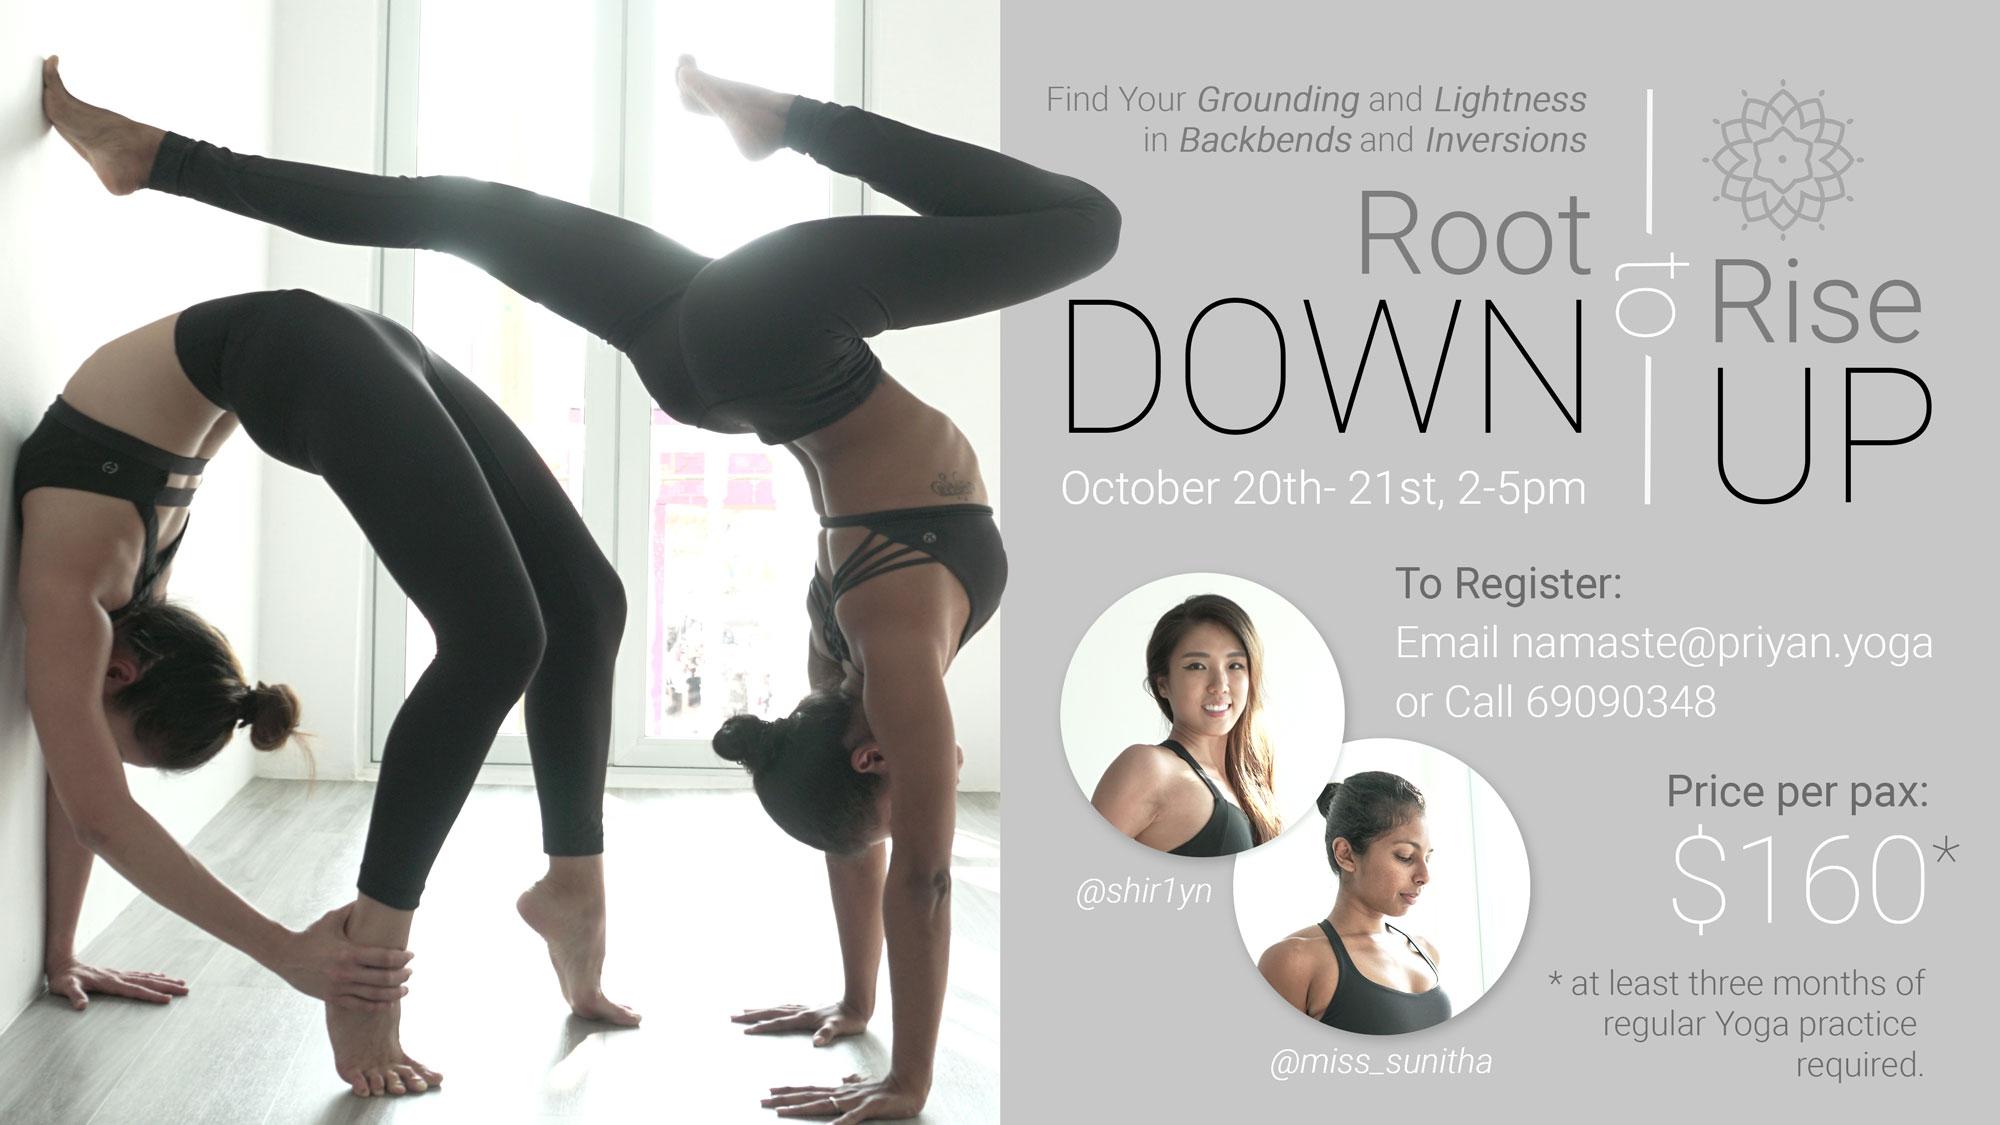 Root-Down-to-Rise-Up-Workshop-Nithya-Priyan.jpg